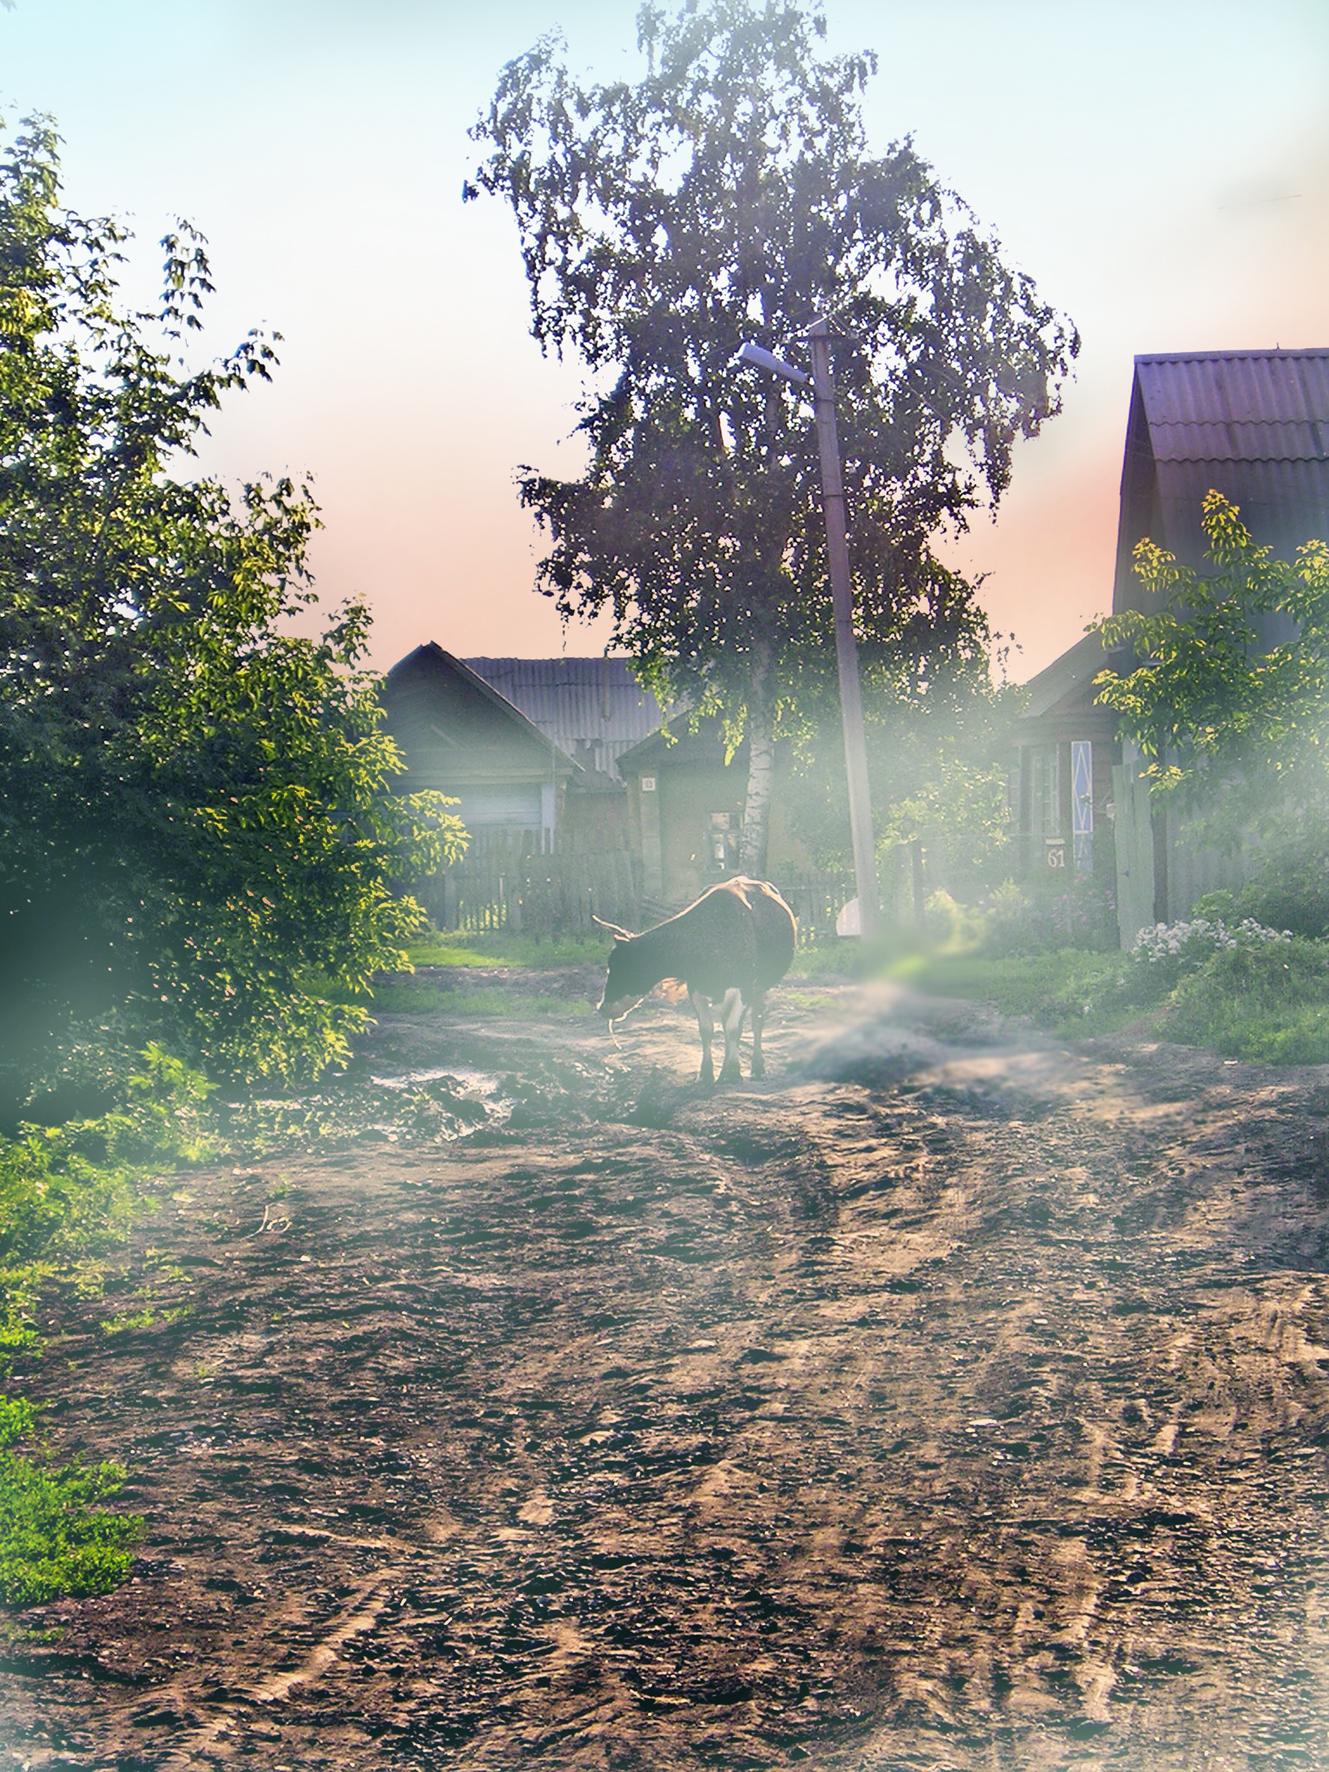 картинки вертикальные утро в деревне разгоняются неимоверных скоростей